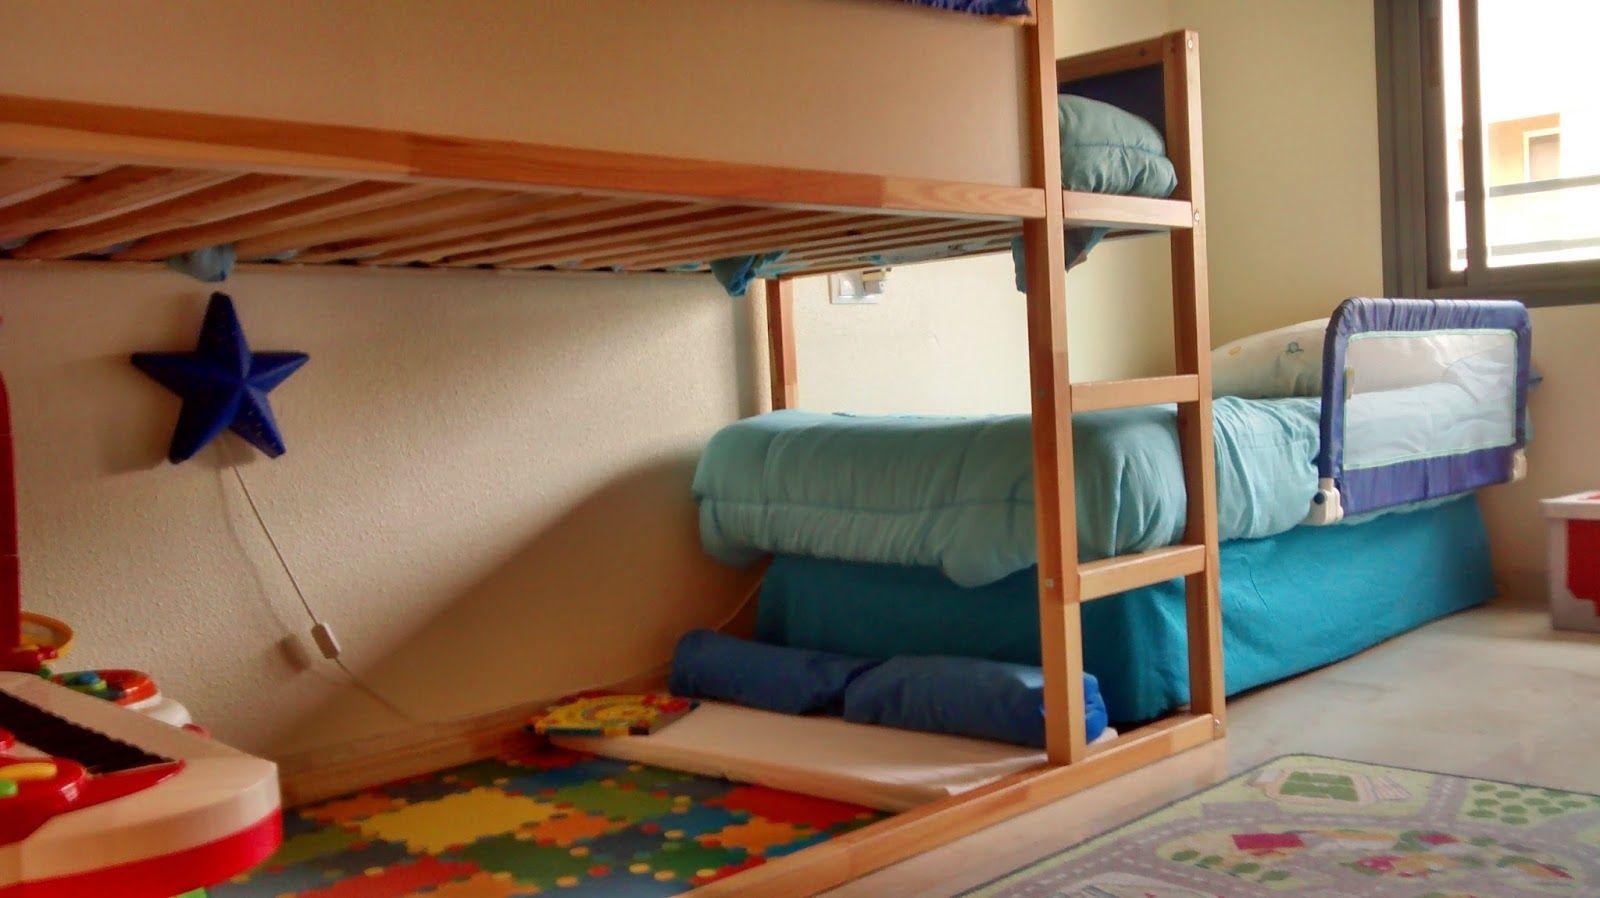 Cmo hacer unas literas en tren con la cama Kura de Ikea Tutorial